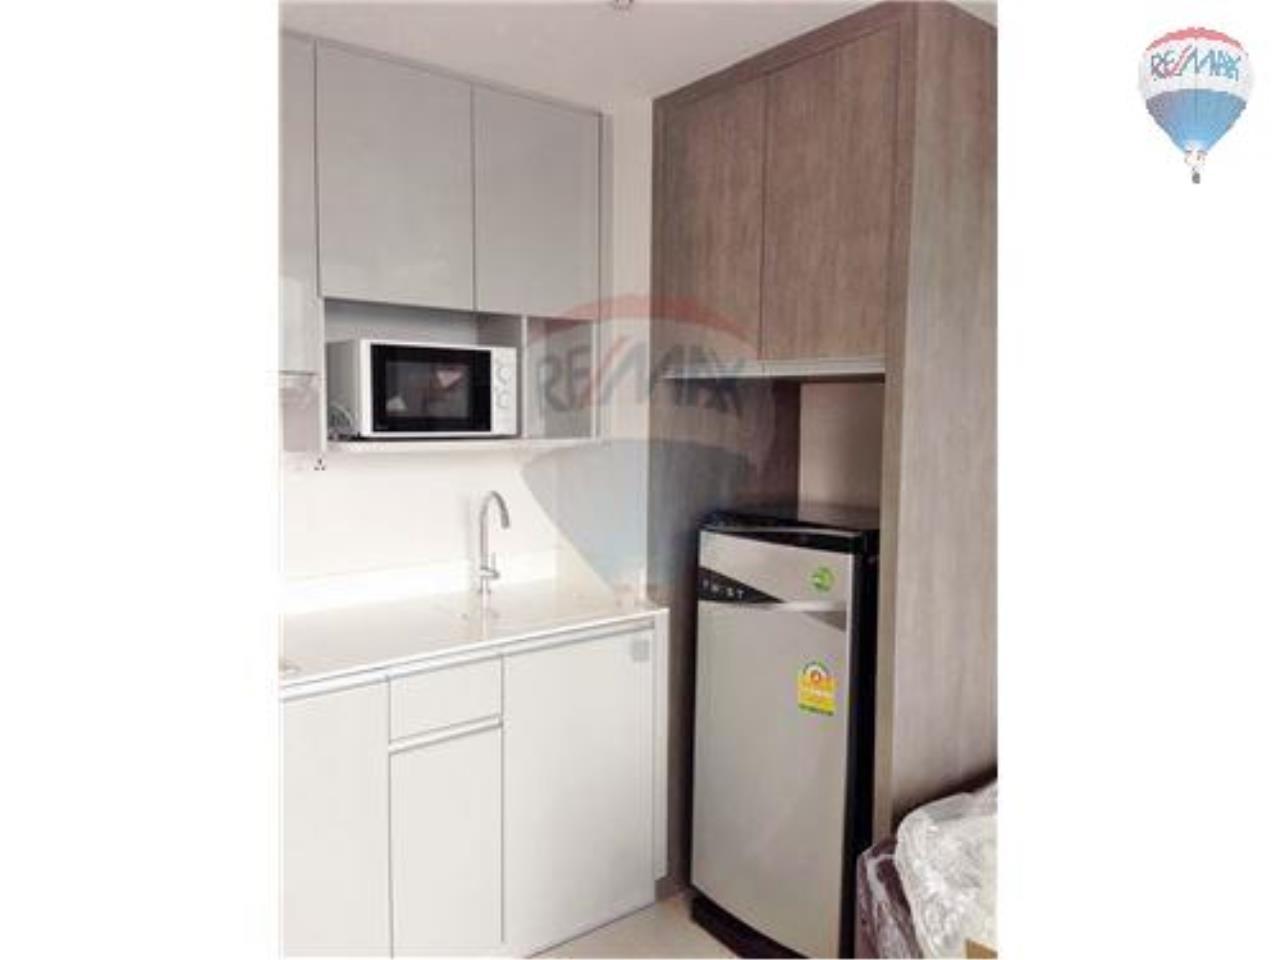 RE/MAX Properties Agency's Condominium for rent 43 Sq.M. at Ideo Mobi Sukhumvit 3